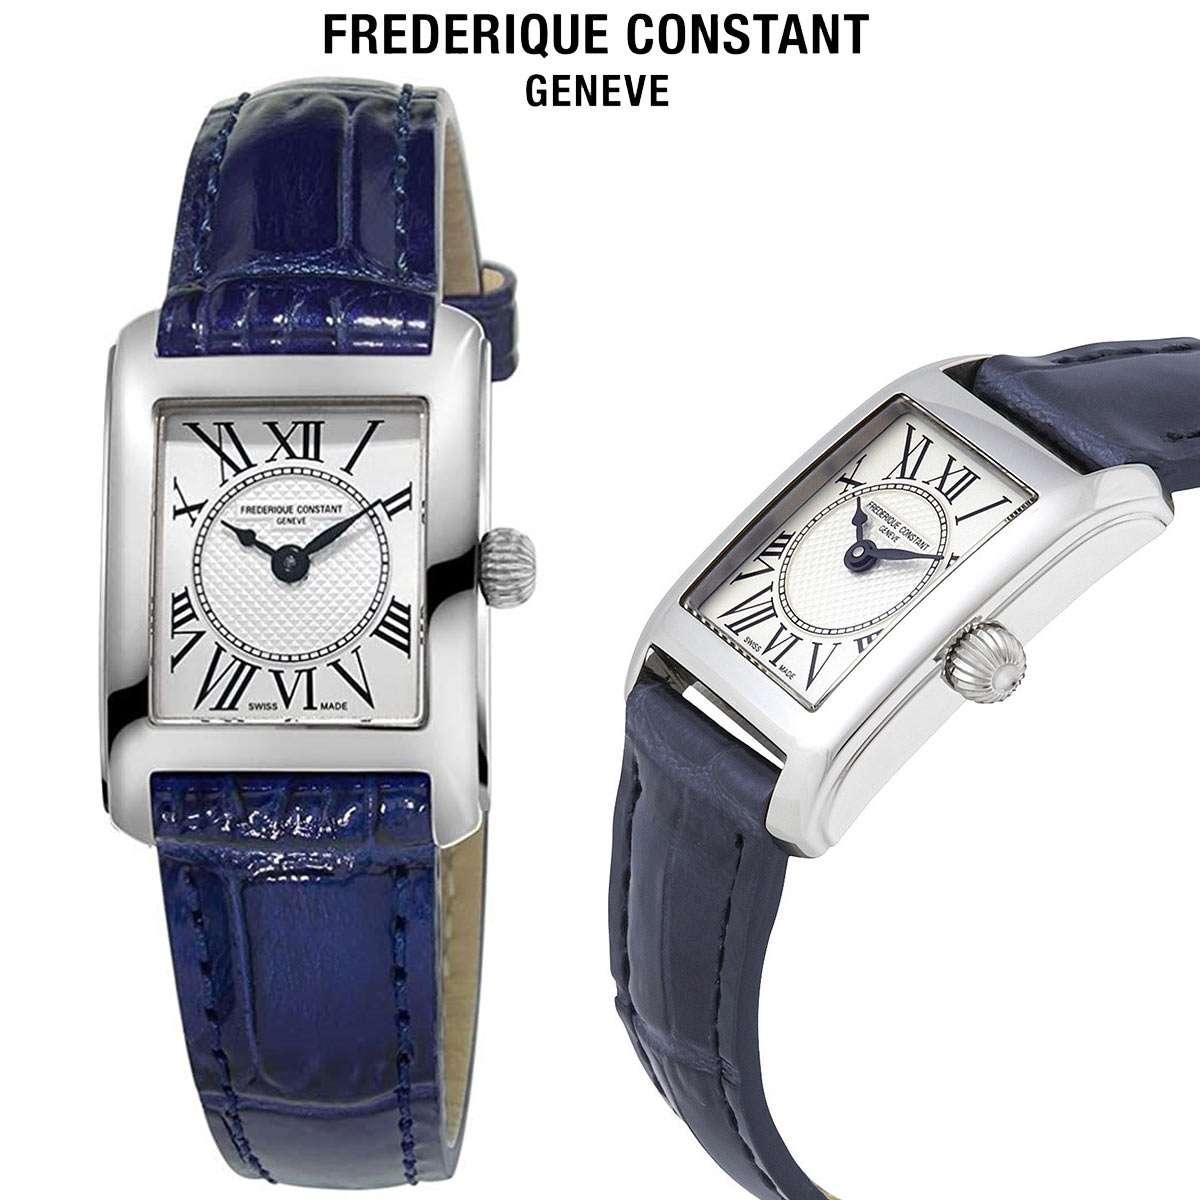 腕時計 フレデリックコンスタント Constant 時計 Frederique ブランド おしゃれ レディース カレ